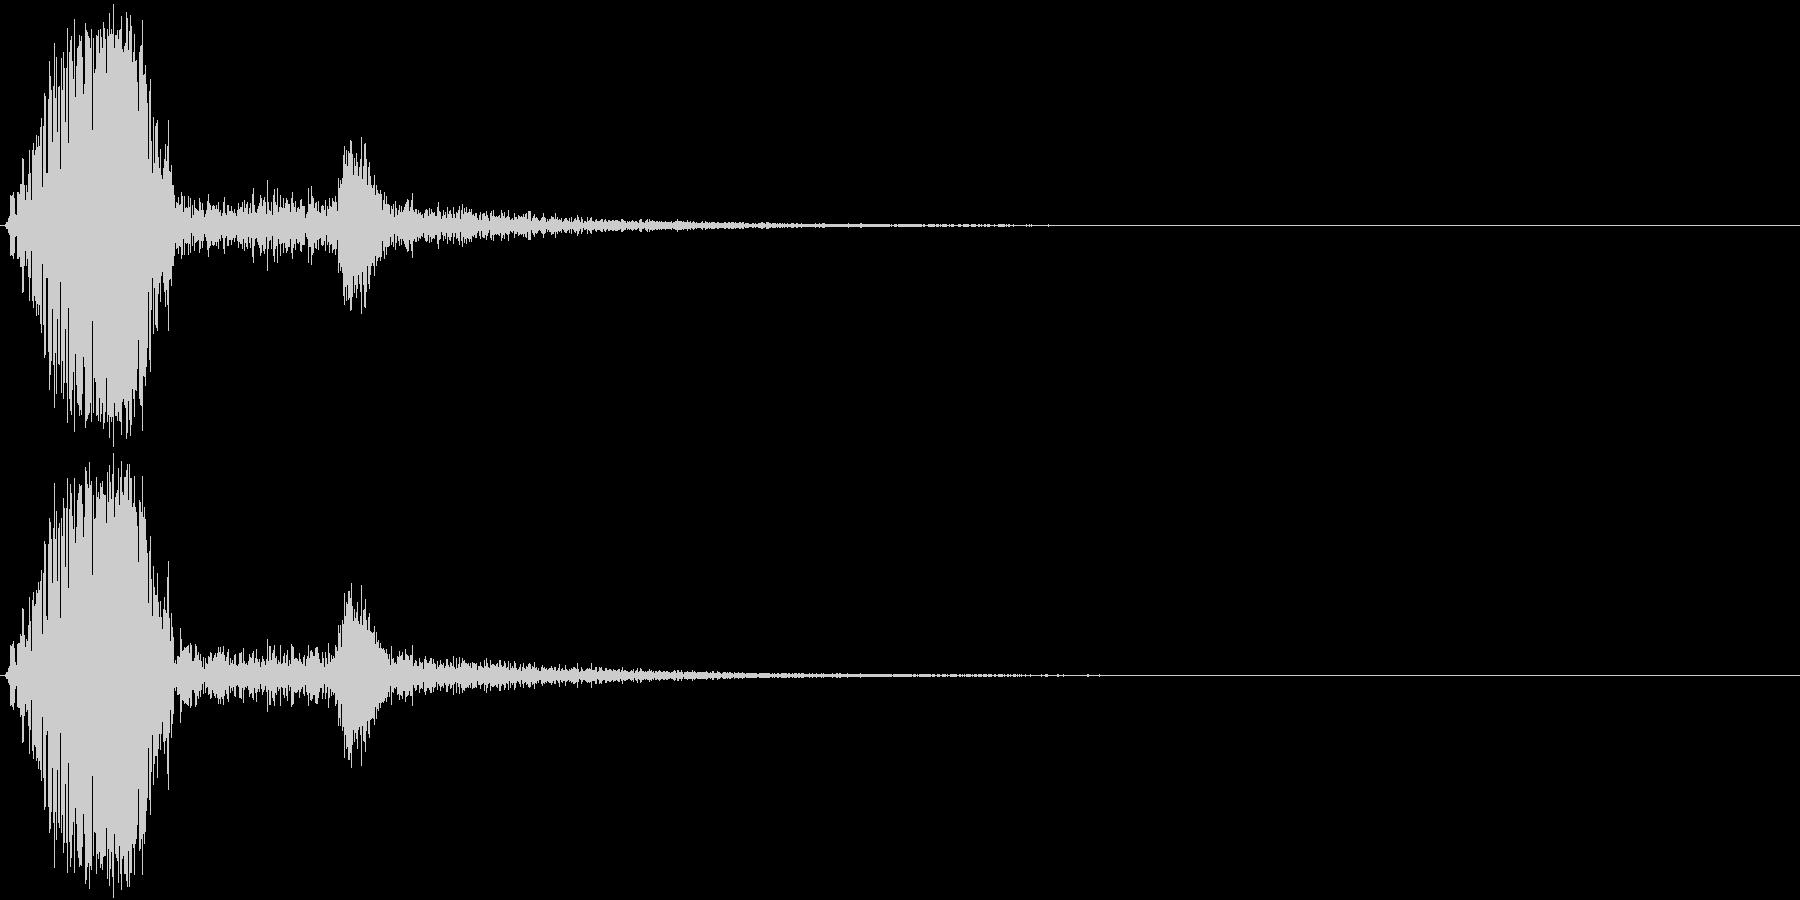 KAKUGE 格闘ゲーム戦闘音 70の未再生の波形